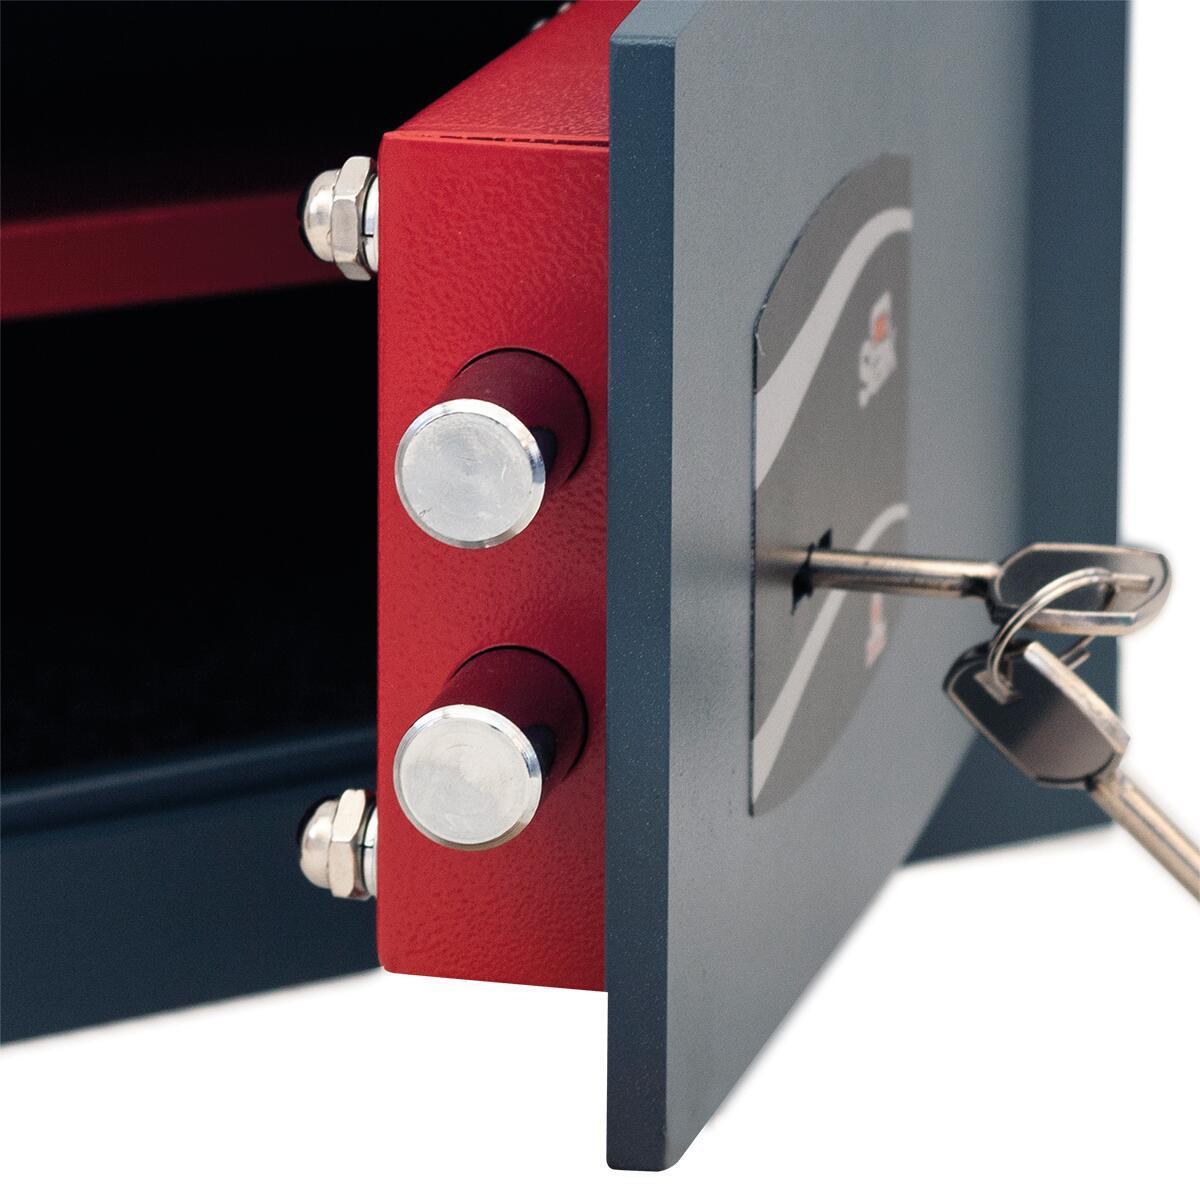 Cassaforte a chiave STARK 800A da murare L26 x P15 x H18 cm - 6